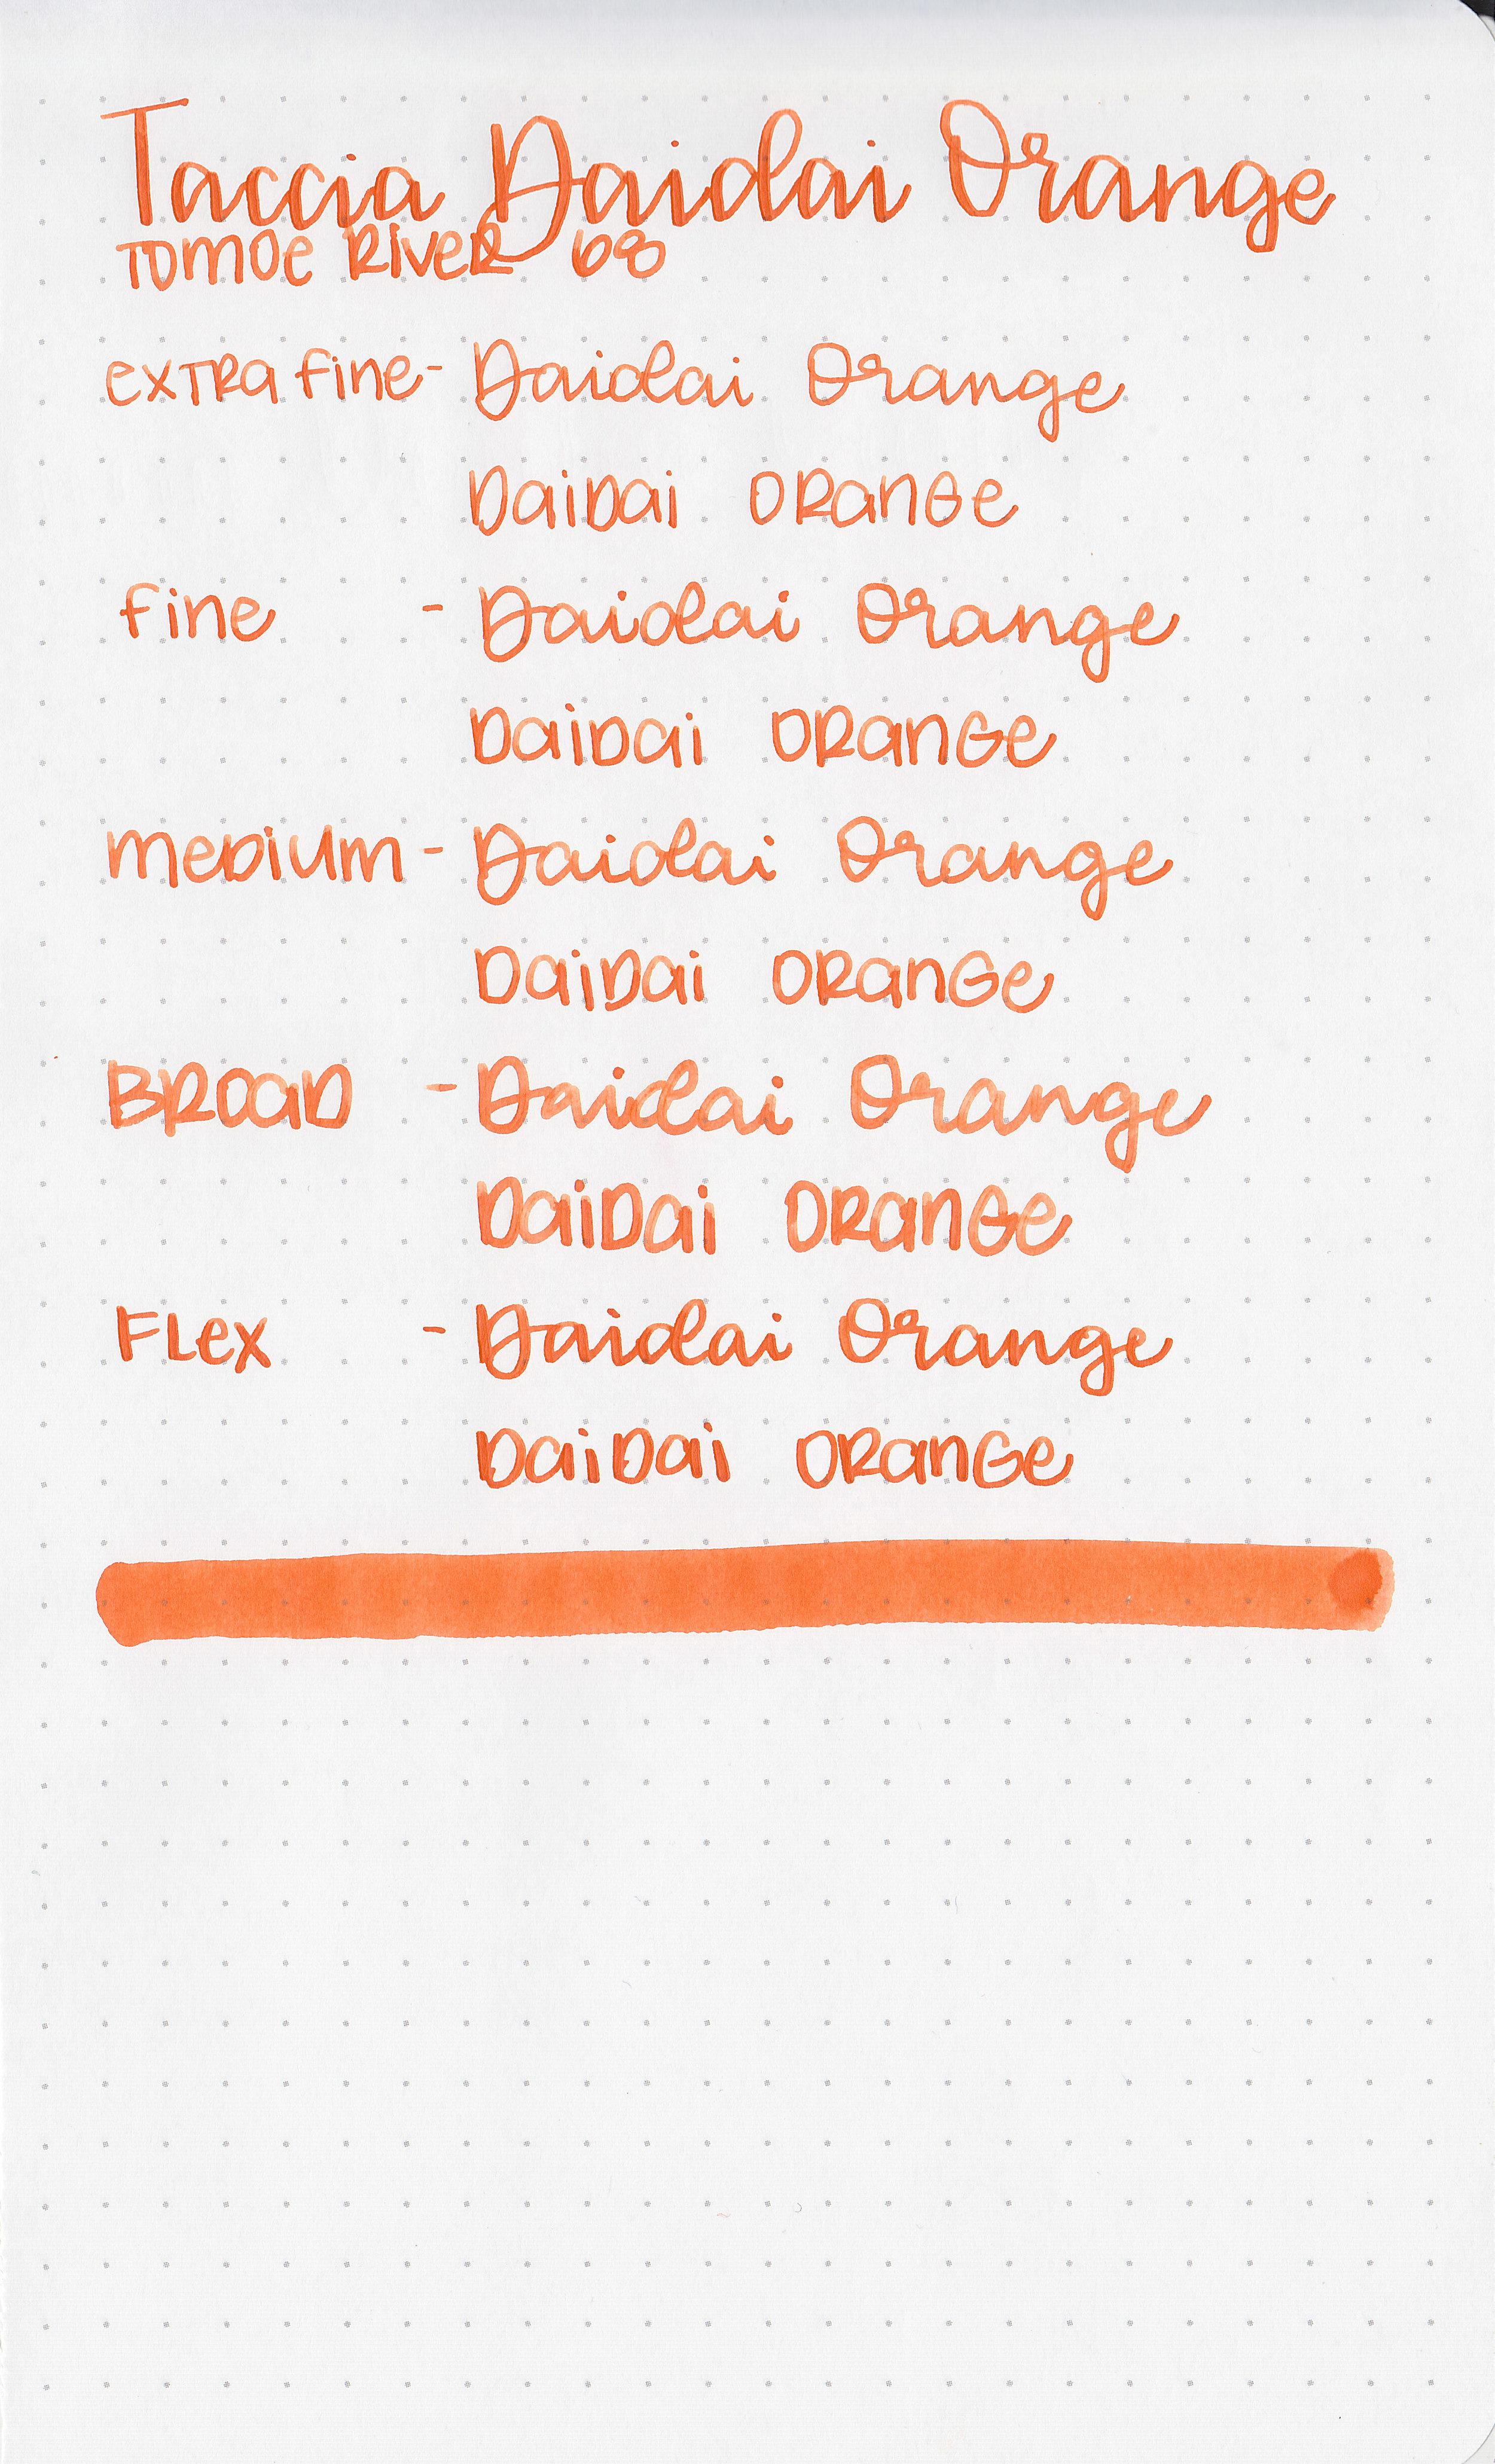 tac-daida-orange-7.jpg